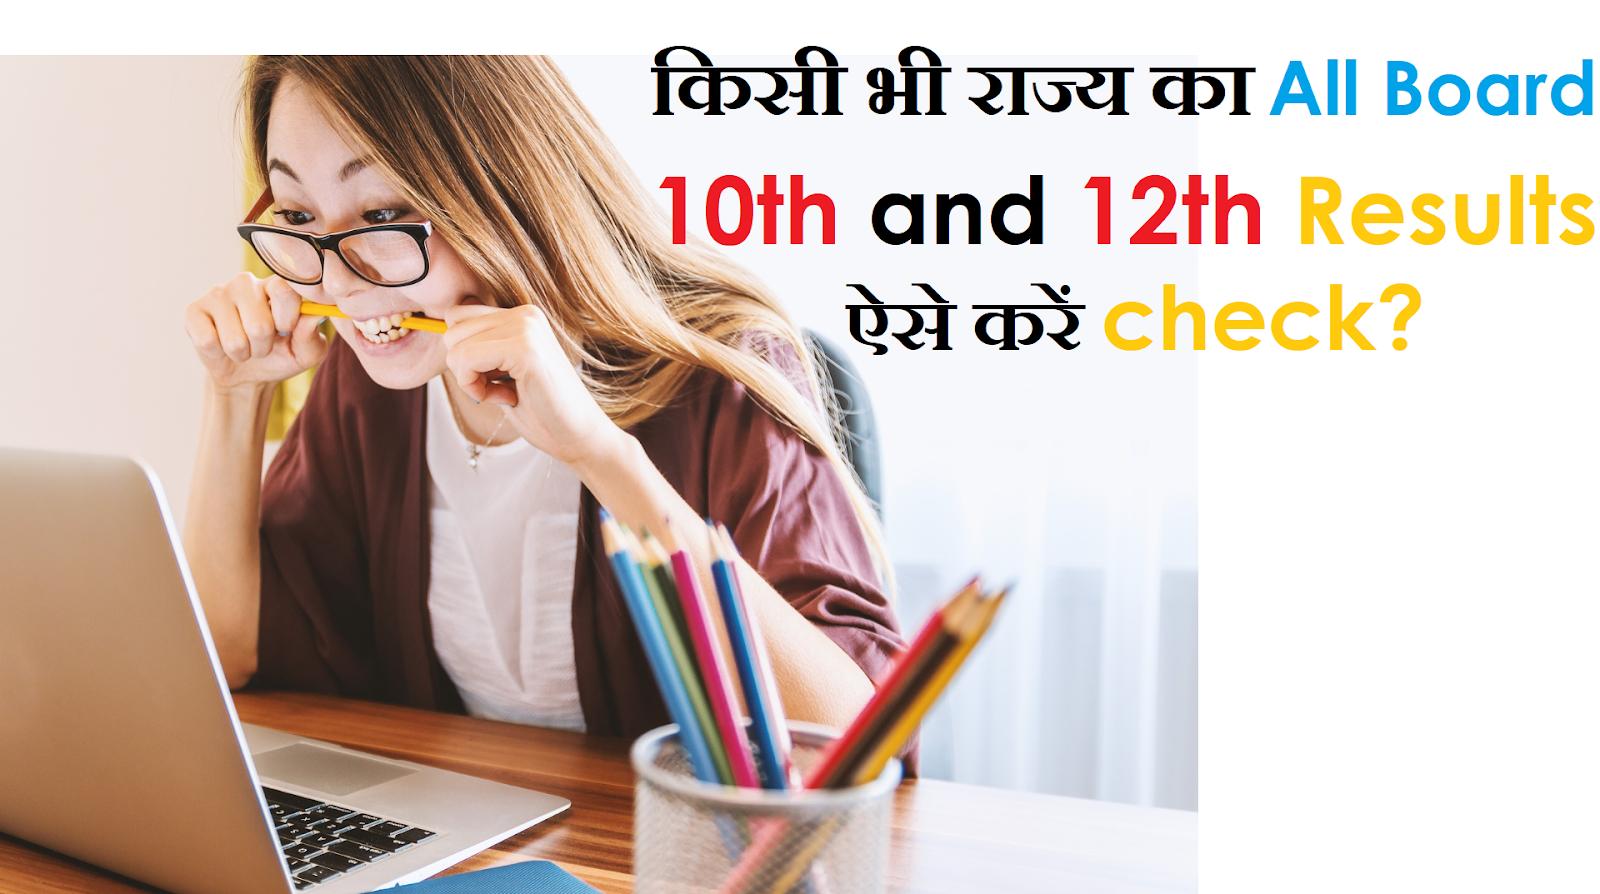 किसी भी राज्य का 10th और 12th का  बोर्ड रिजल्ट ऐसे check करें | How to Check Board Result 2019